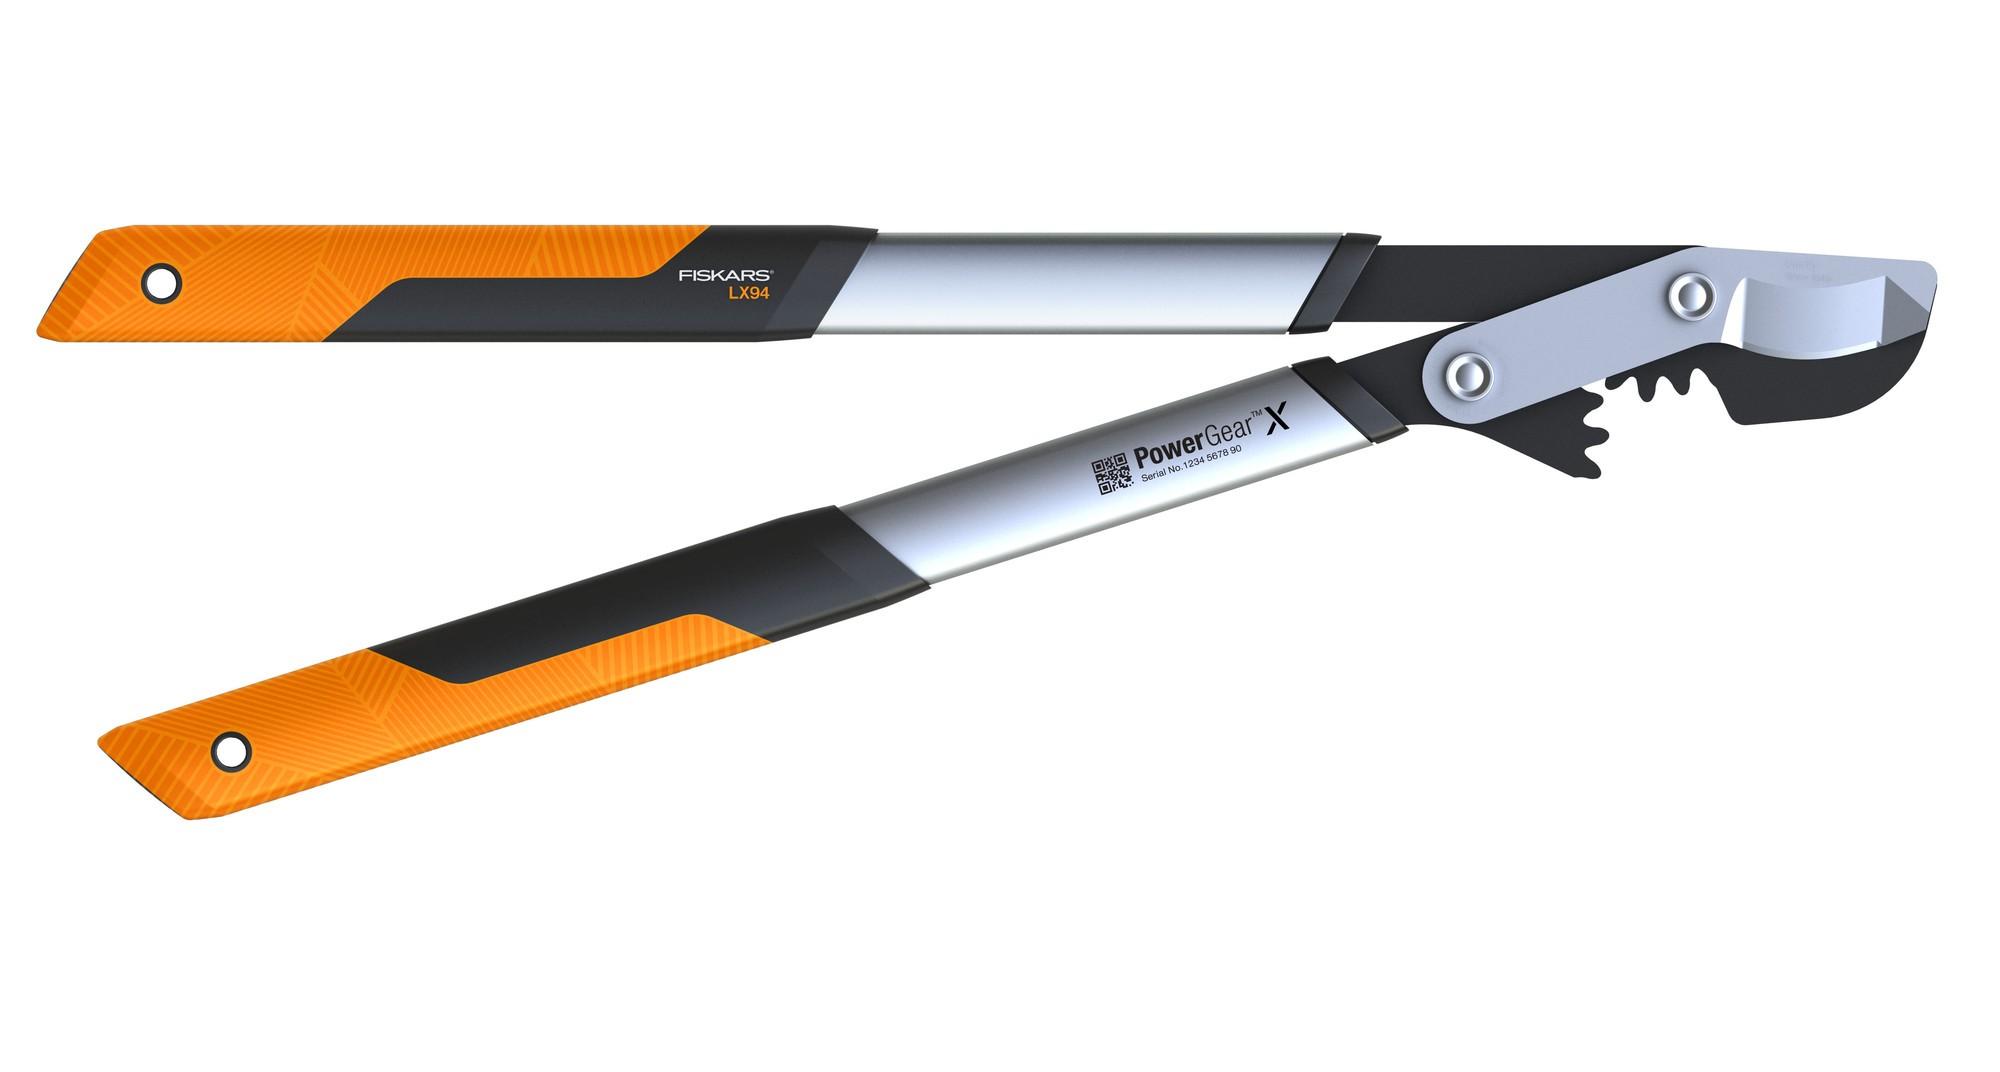 Powergear x takkenschaar bypass lx94 m 64 cm